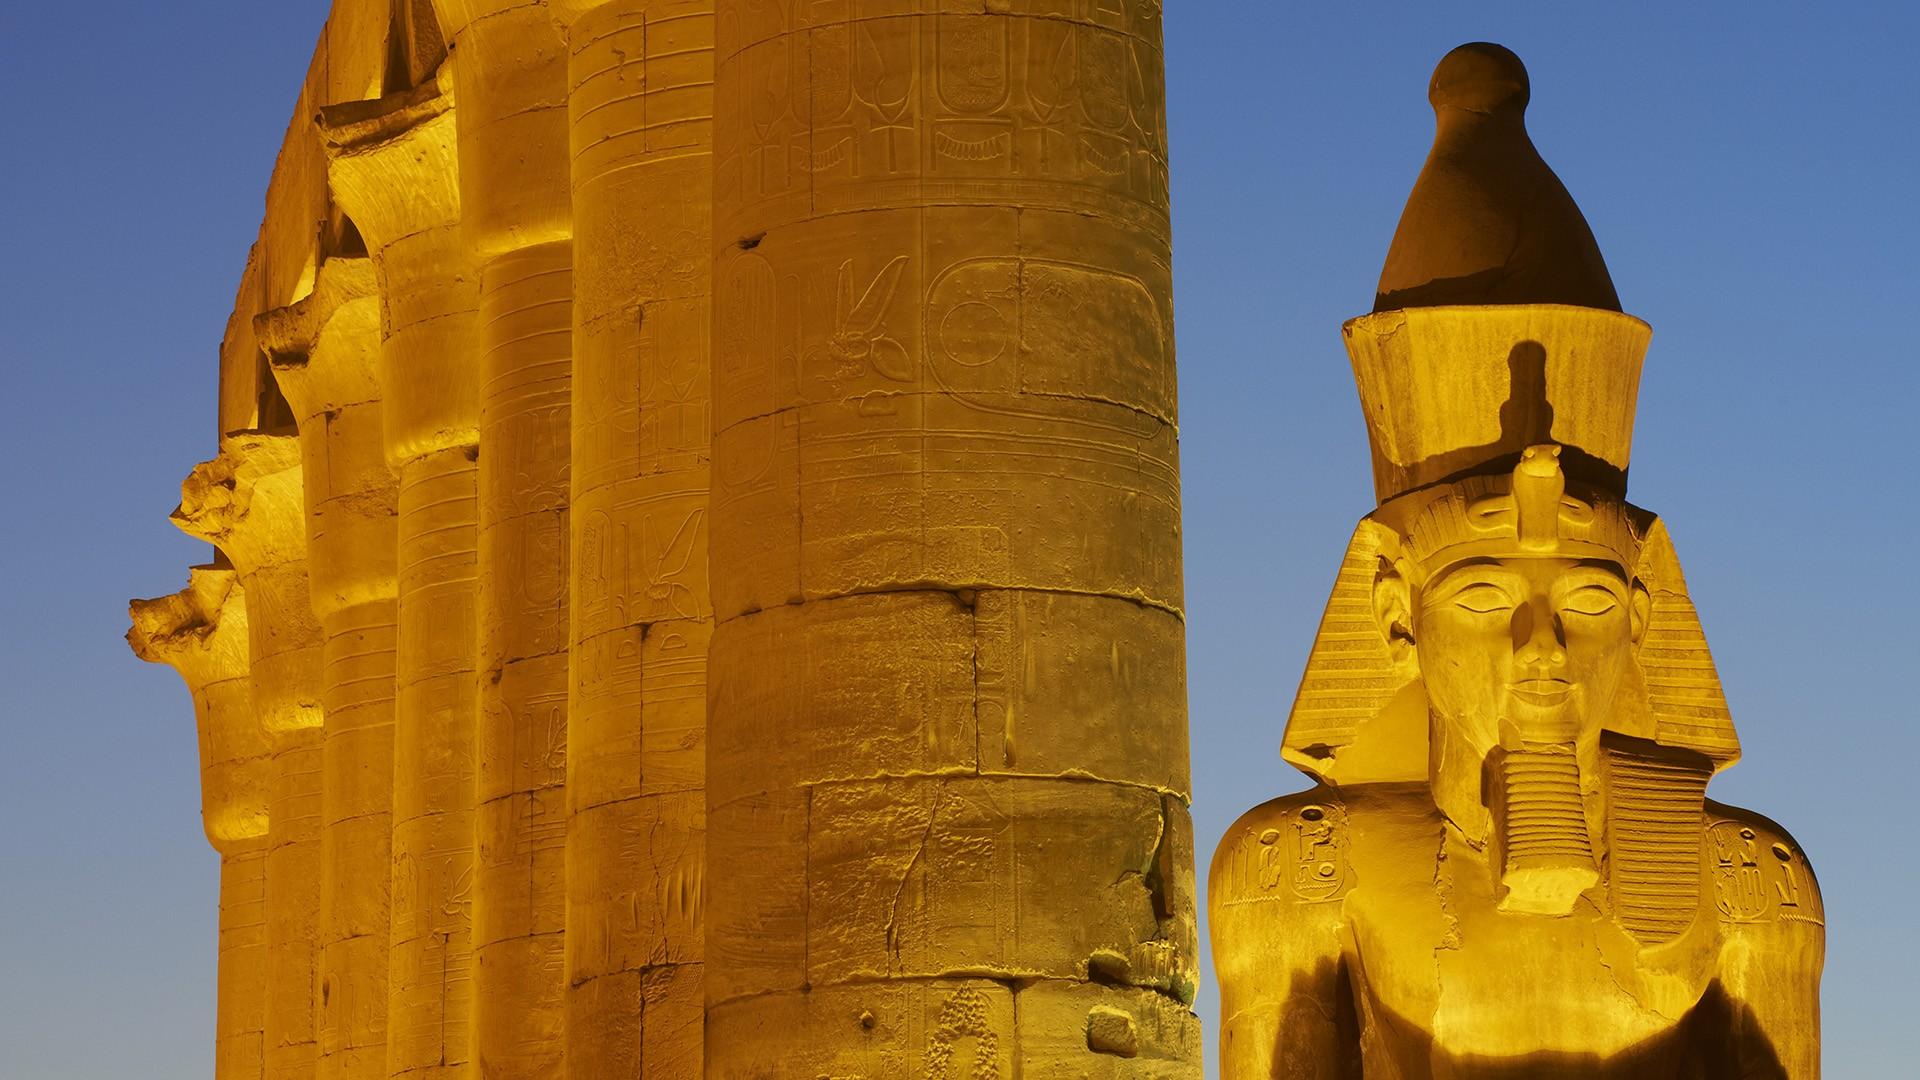 Luxor Egypt Wallpaper   HD Wallpapers 1920x1080